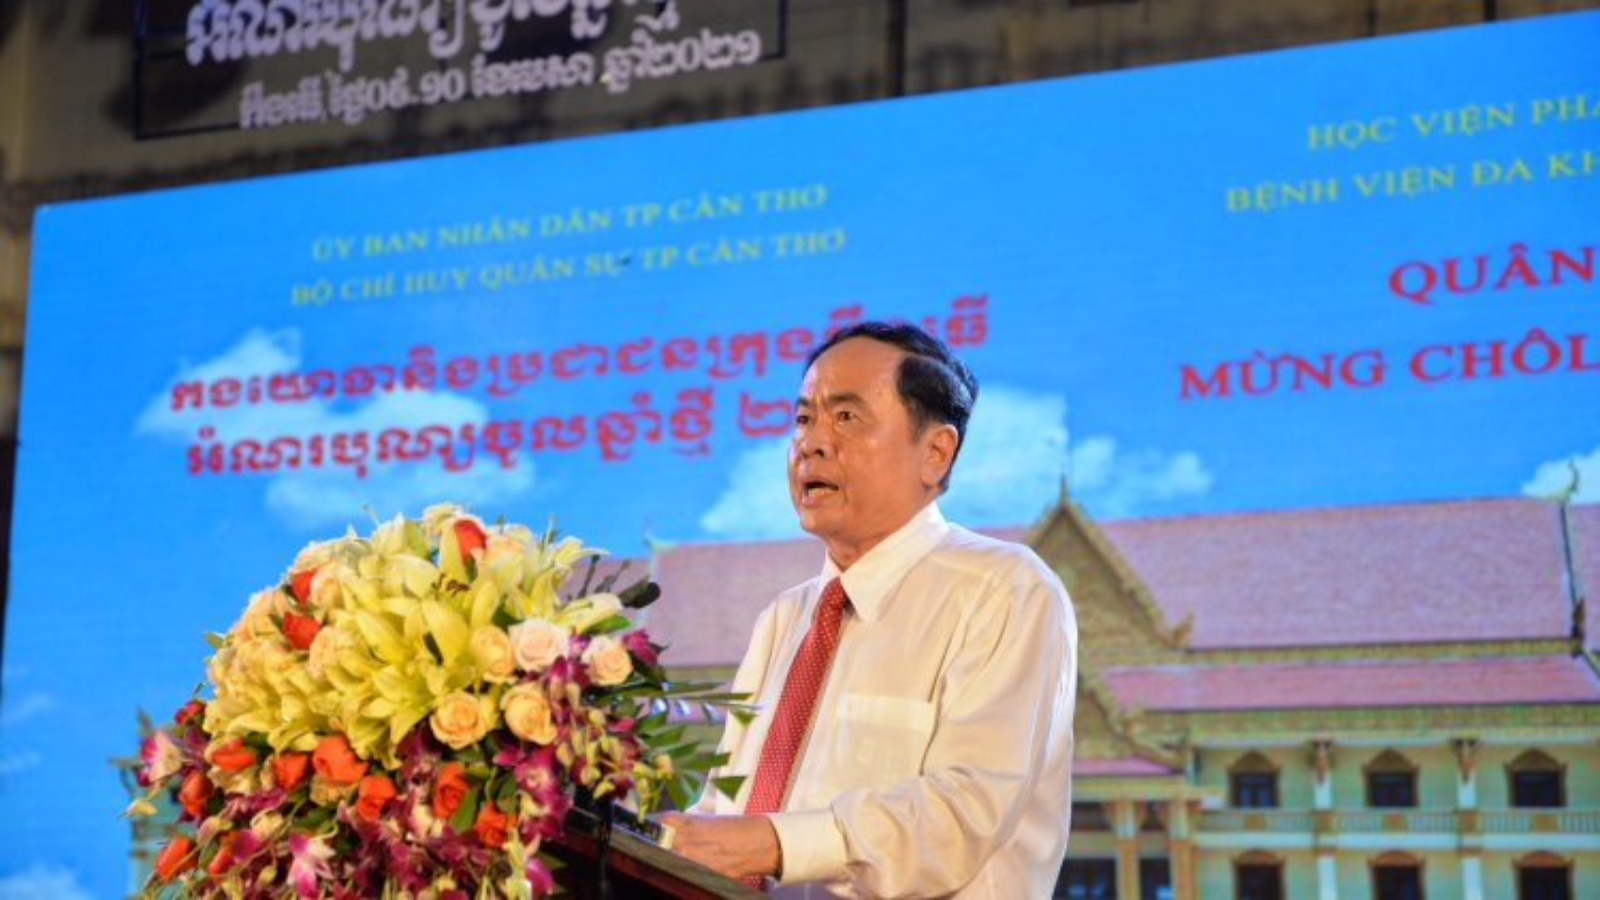 Phó Chủ tịch Quốc hội Trần Thanh Mẫn dự Tết quân-dân Cần Thơmừng Chôl Chnăm Thmây